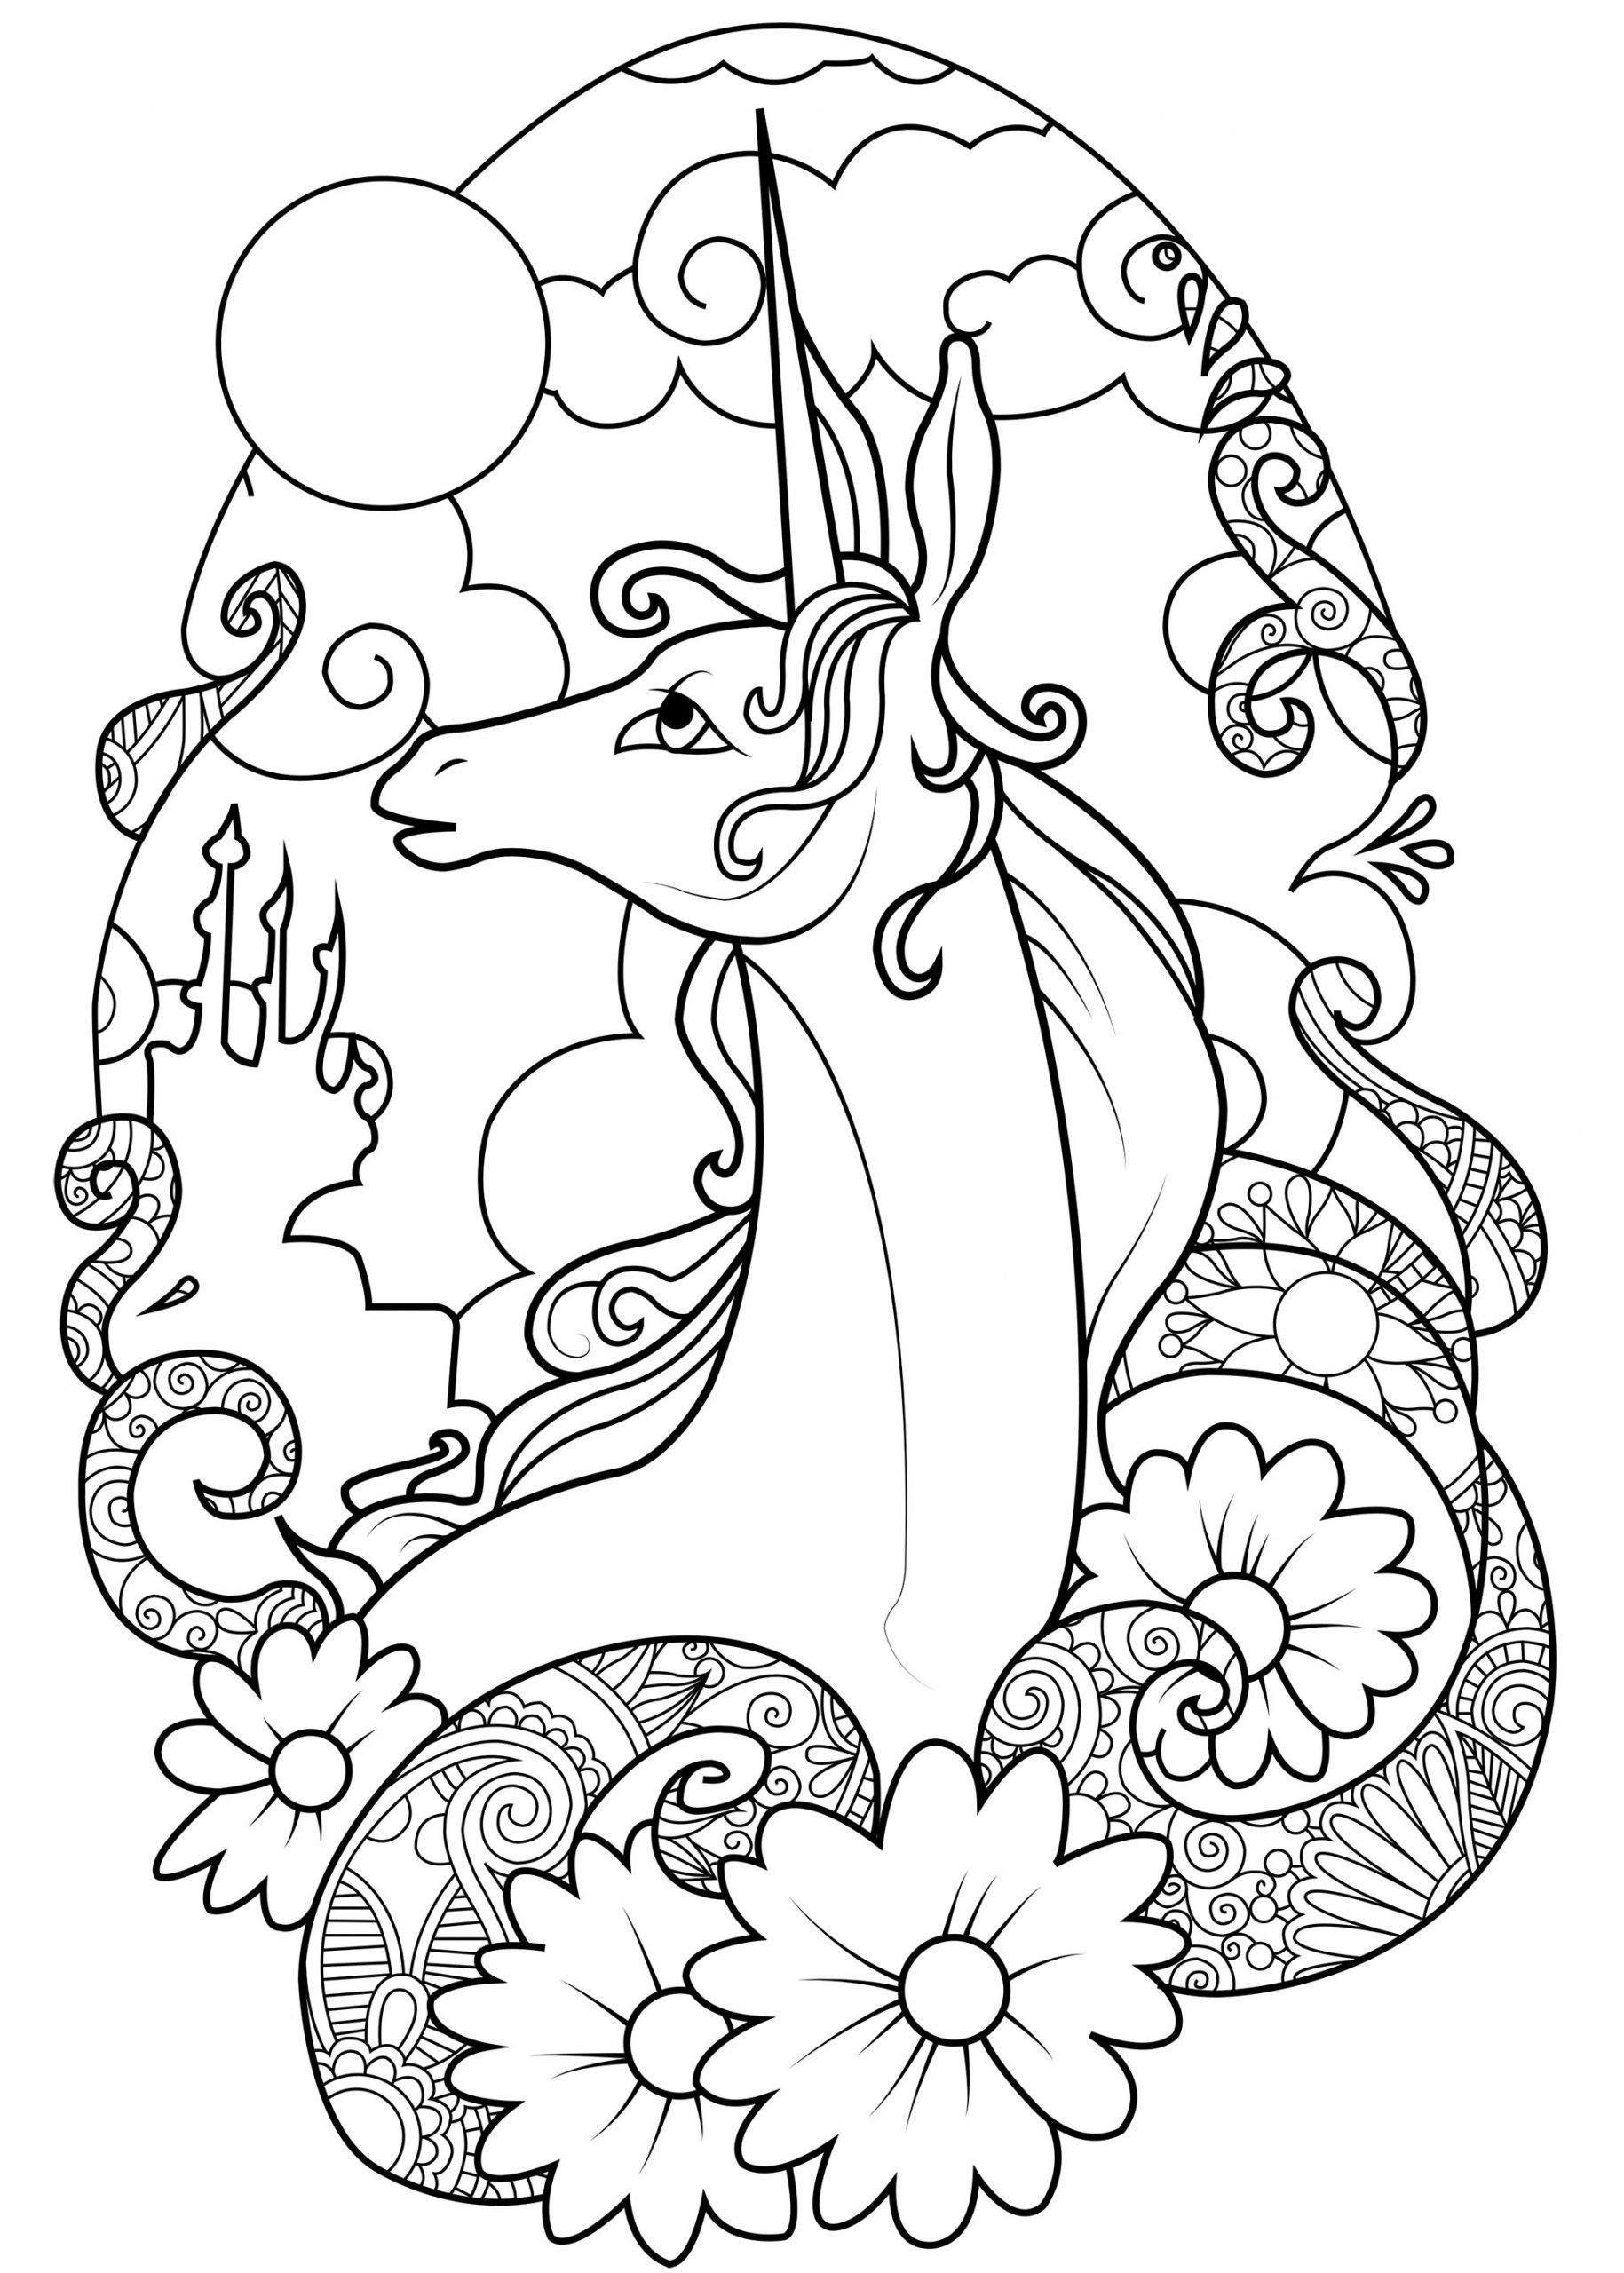 Licorne Féerique - Licornes - Coloriages Difficiles Pour Adultes destiné Jeux De Coloriage Licorne